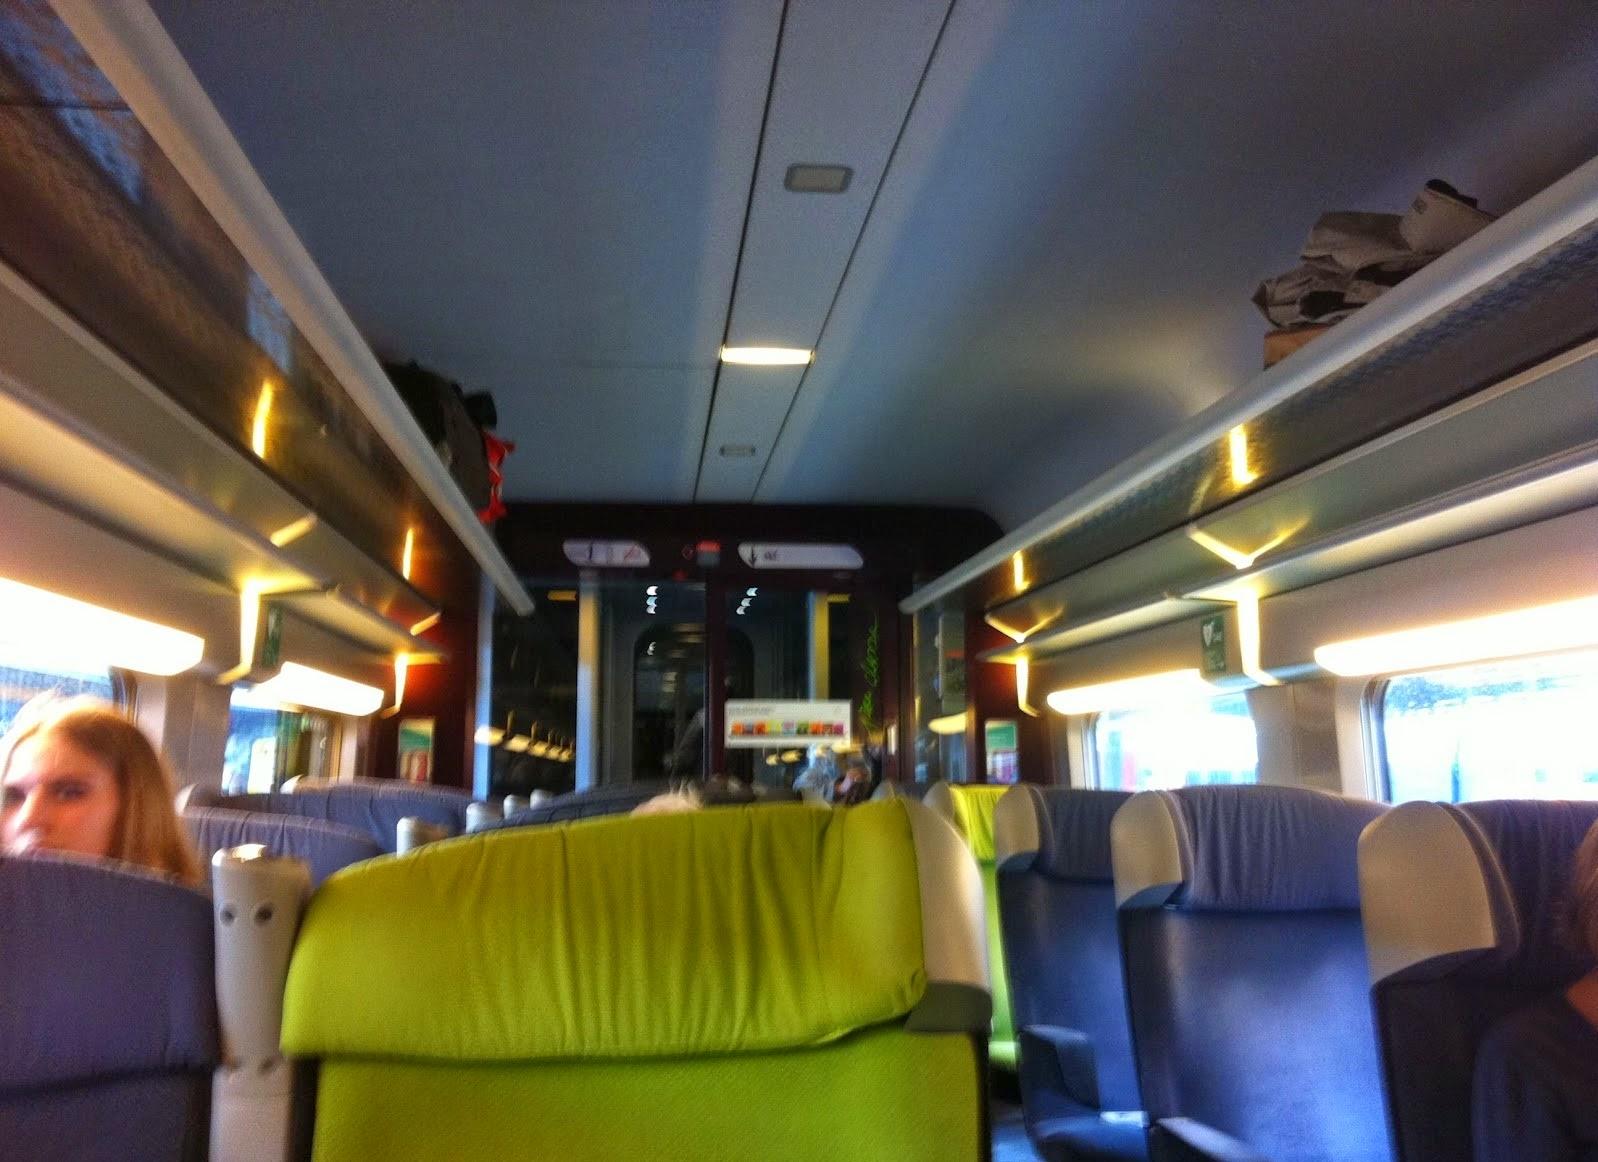 Европейский поезд. Первый класс.